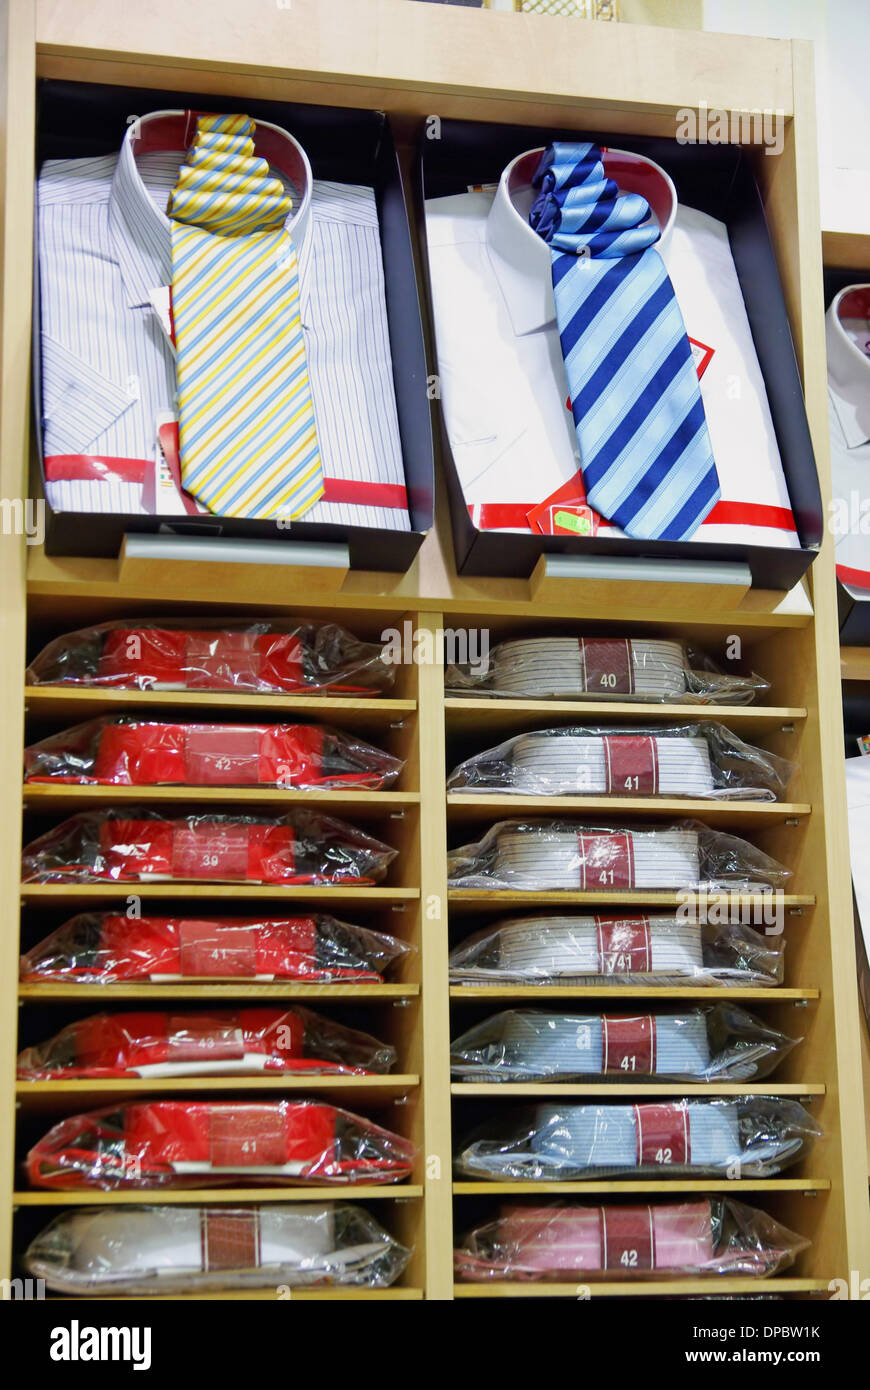 Magliette con cravatta in un negozio di abbigliamento. Immagini Stock